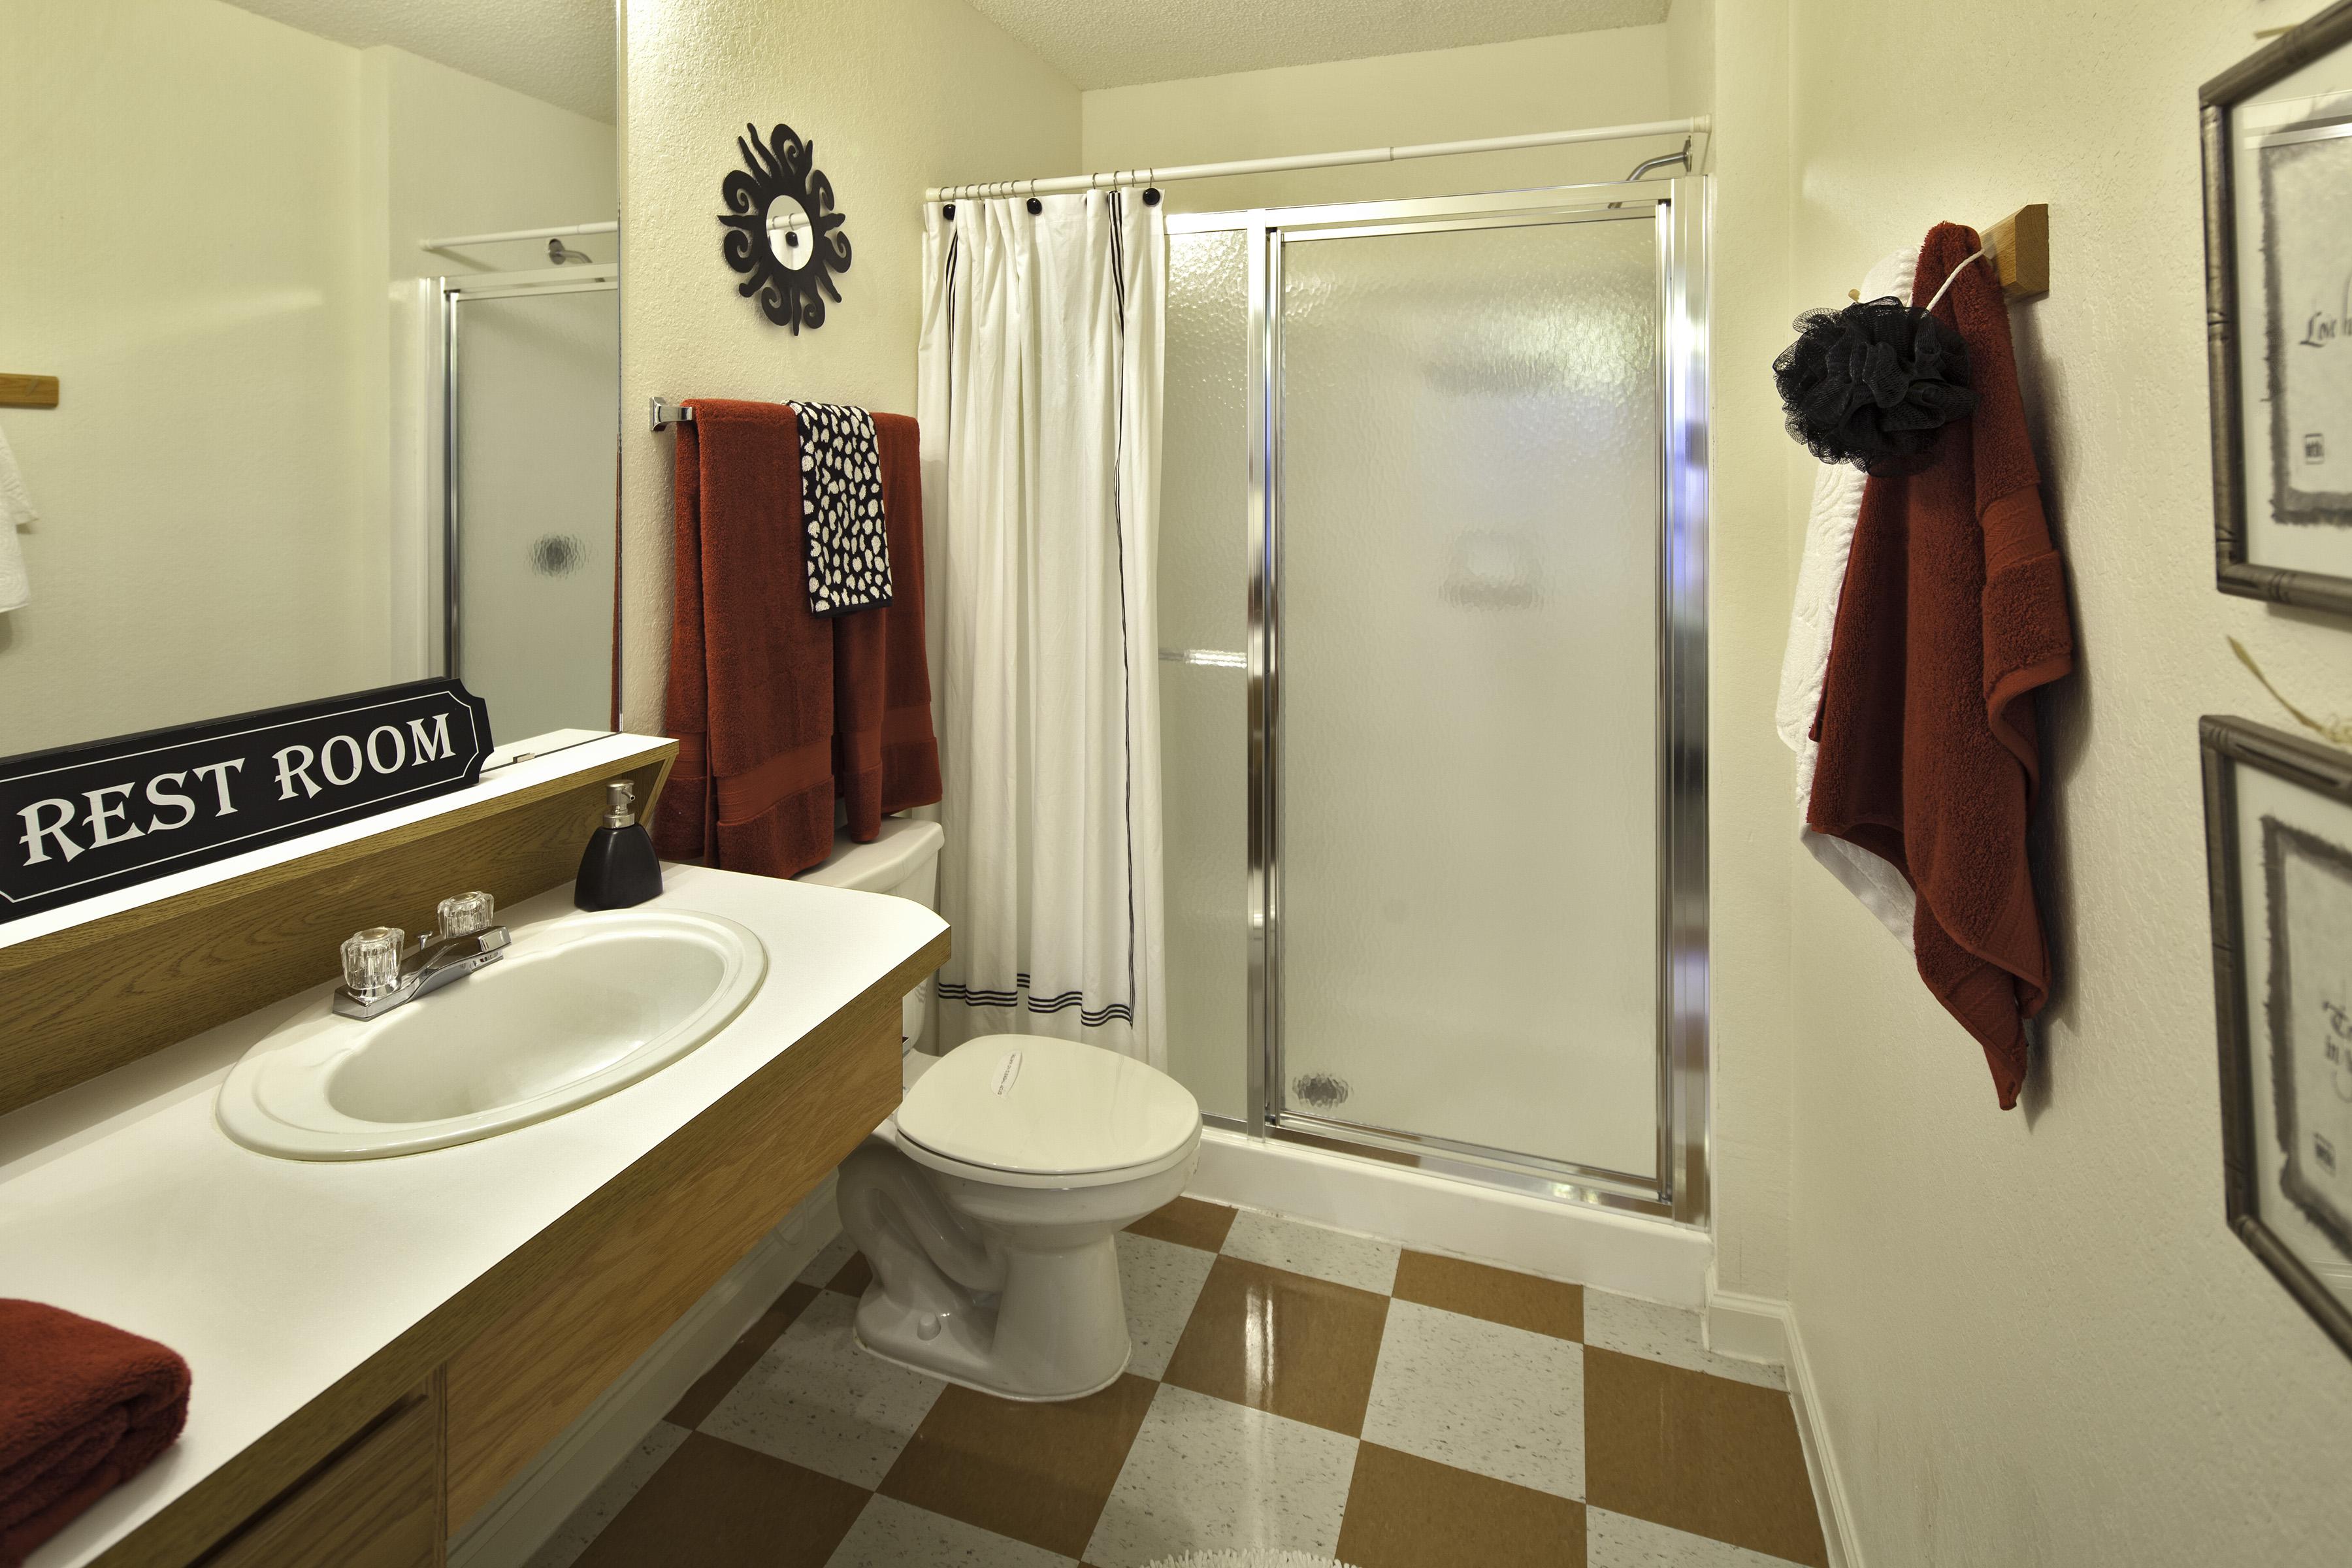 Campus Lodge 2800 Sw Williston Rd Gainesville Fl